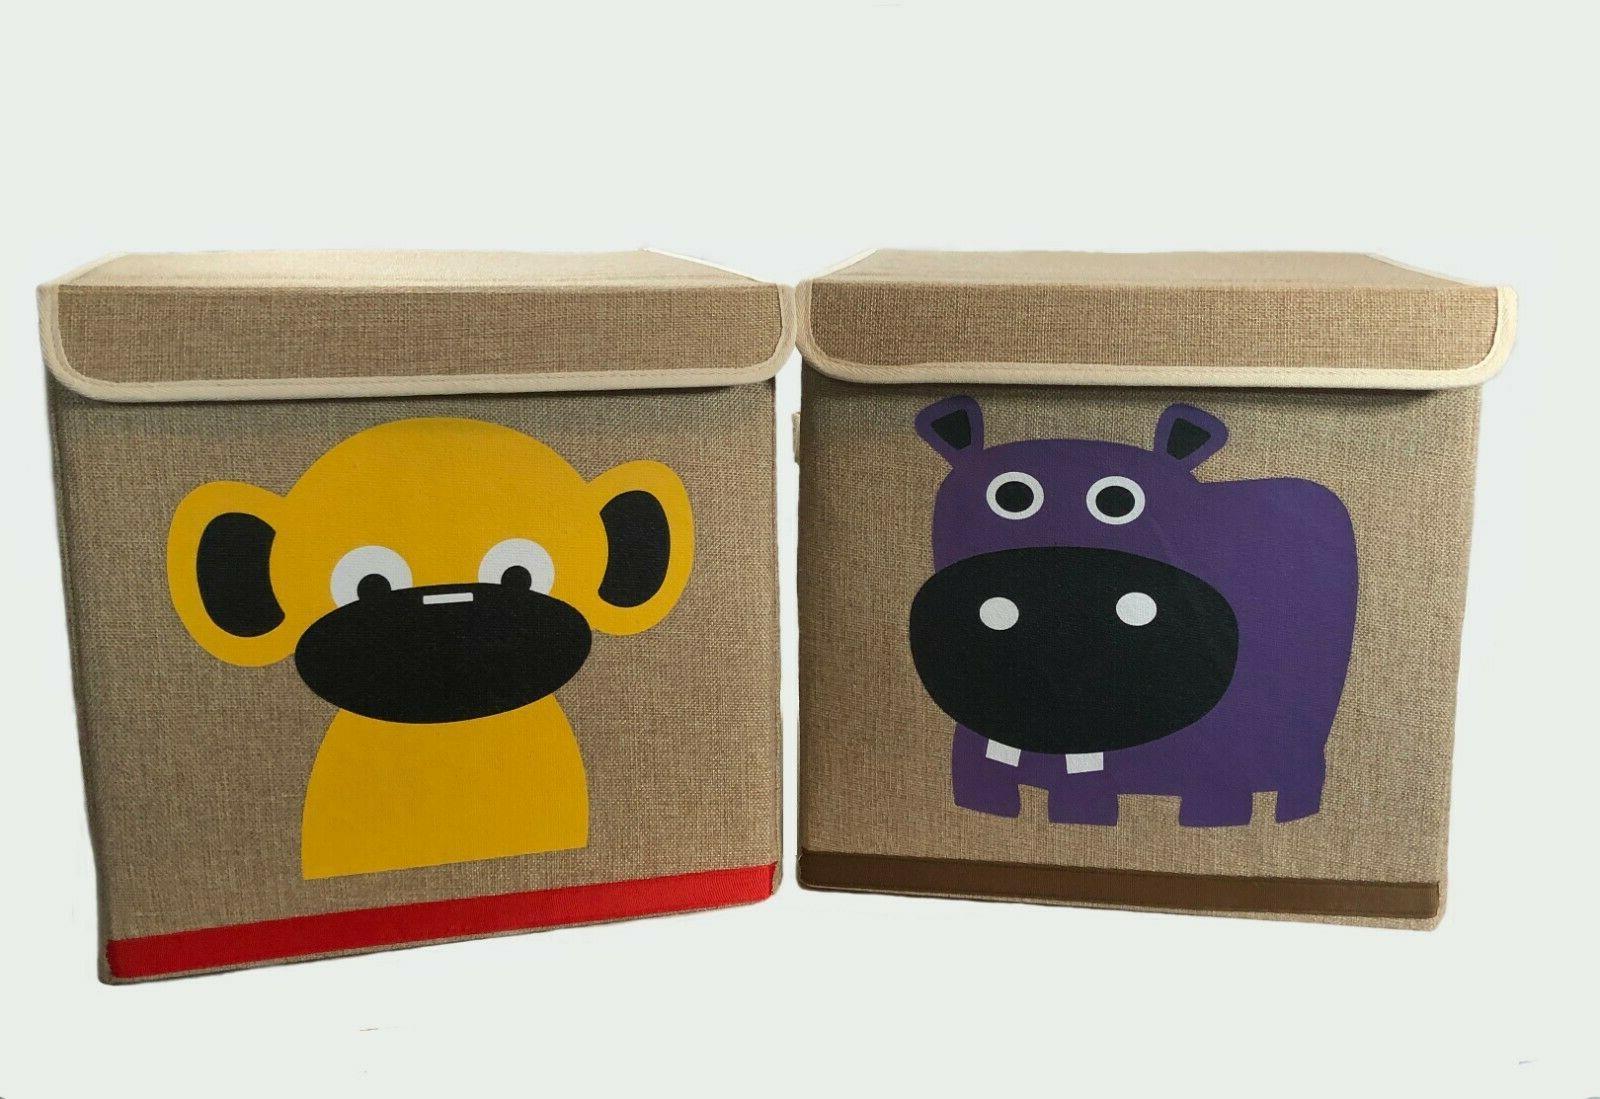 decorative storage cube boxes 2 piece set